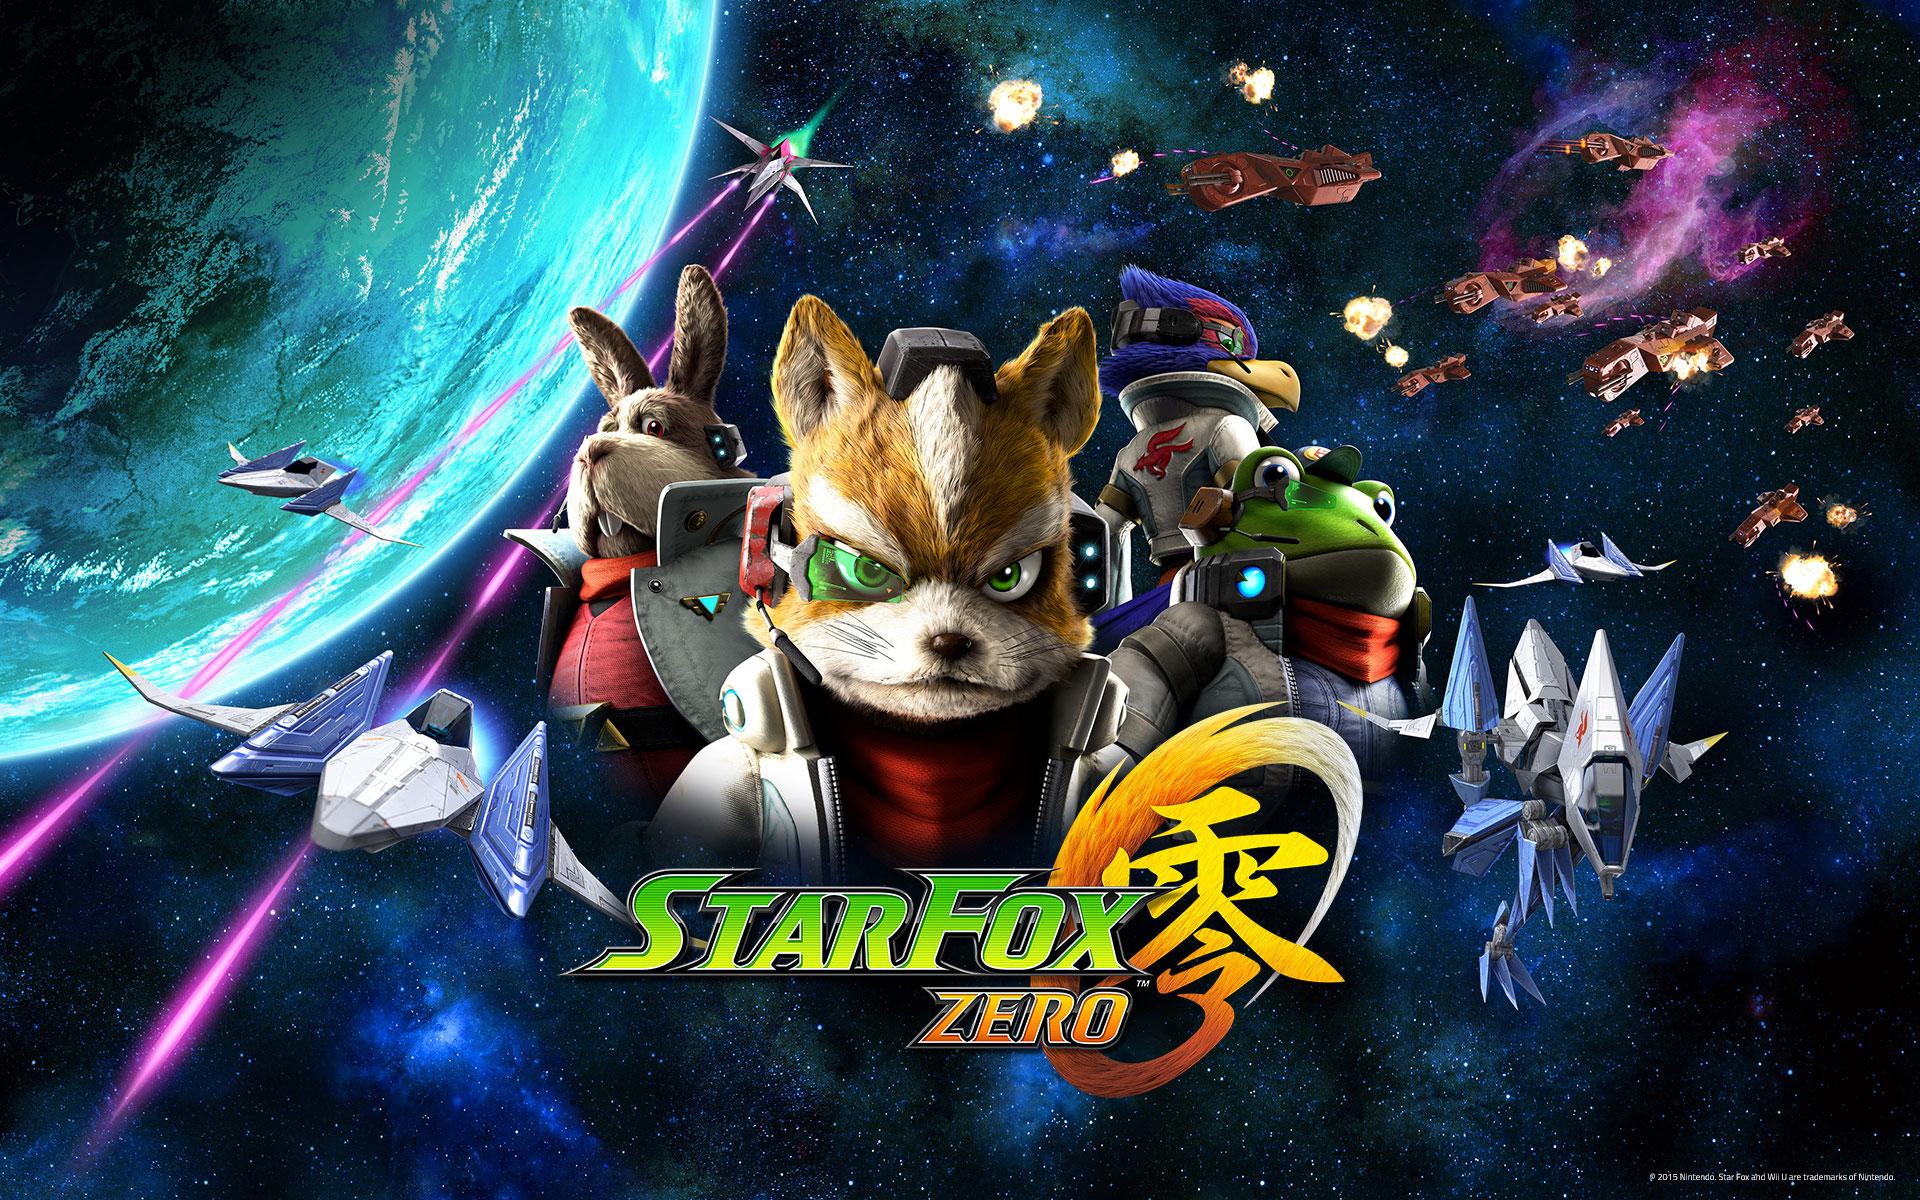 بازی Star Fox Zero